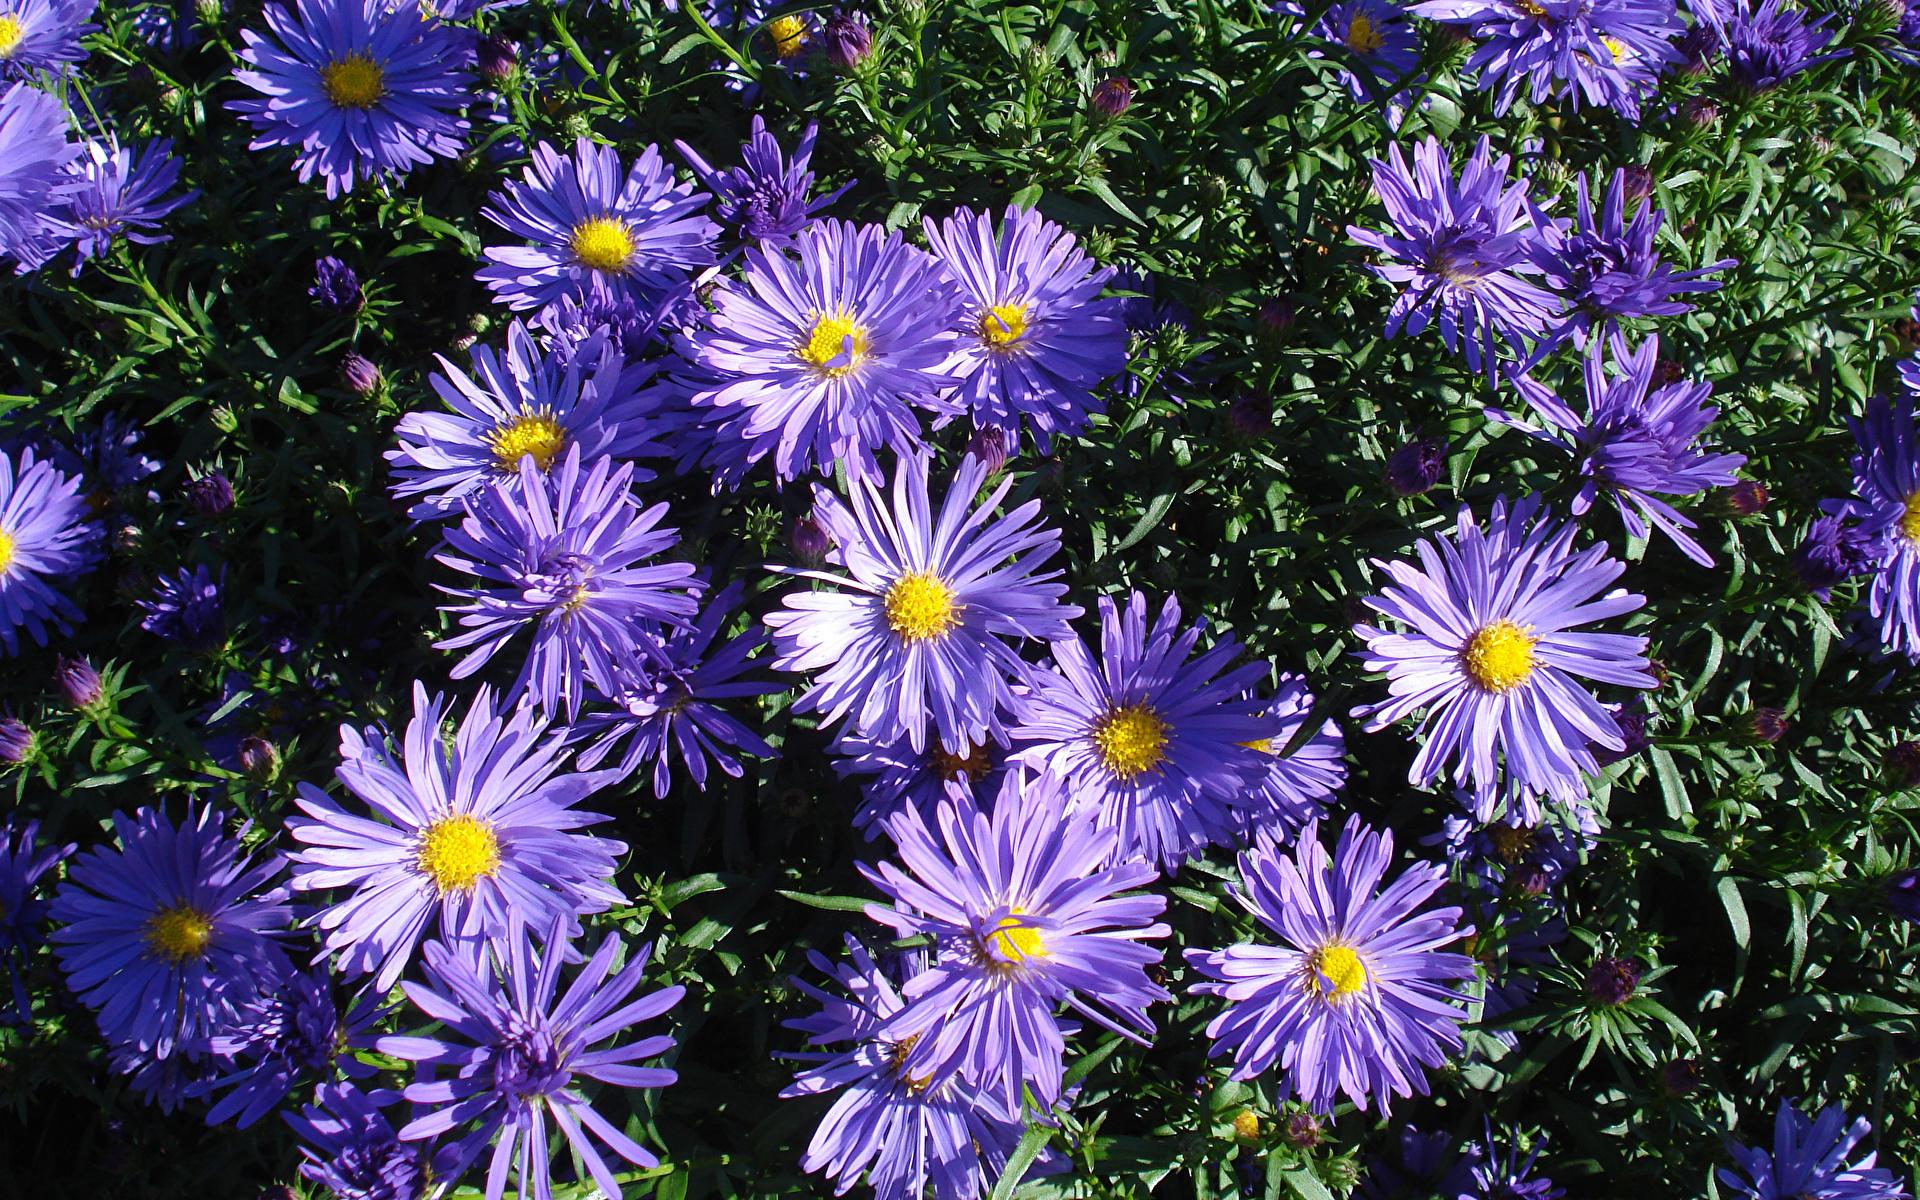 Фотографии фиолетовые Цветы Хризантемы Крупным планом 1920x1200 фиолетовая Фиолетовый фиолетовых цветок вблизи